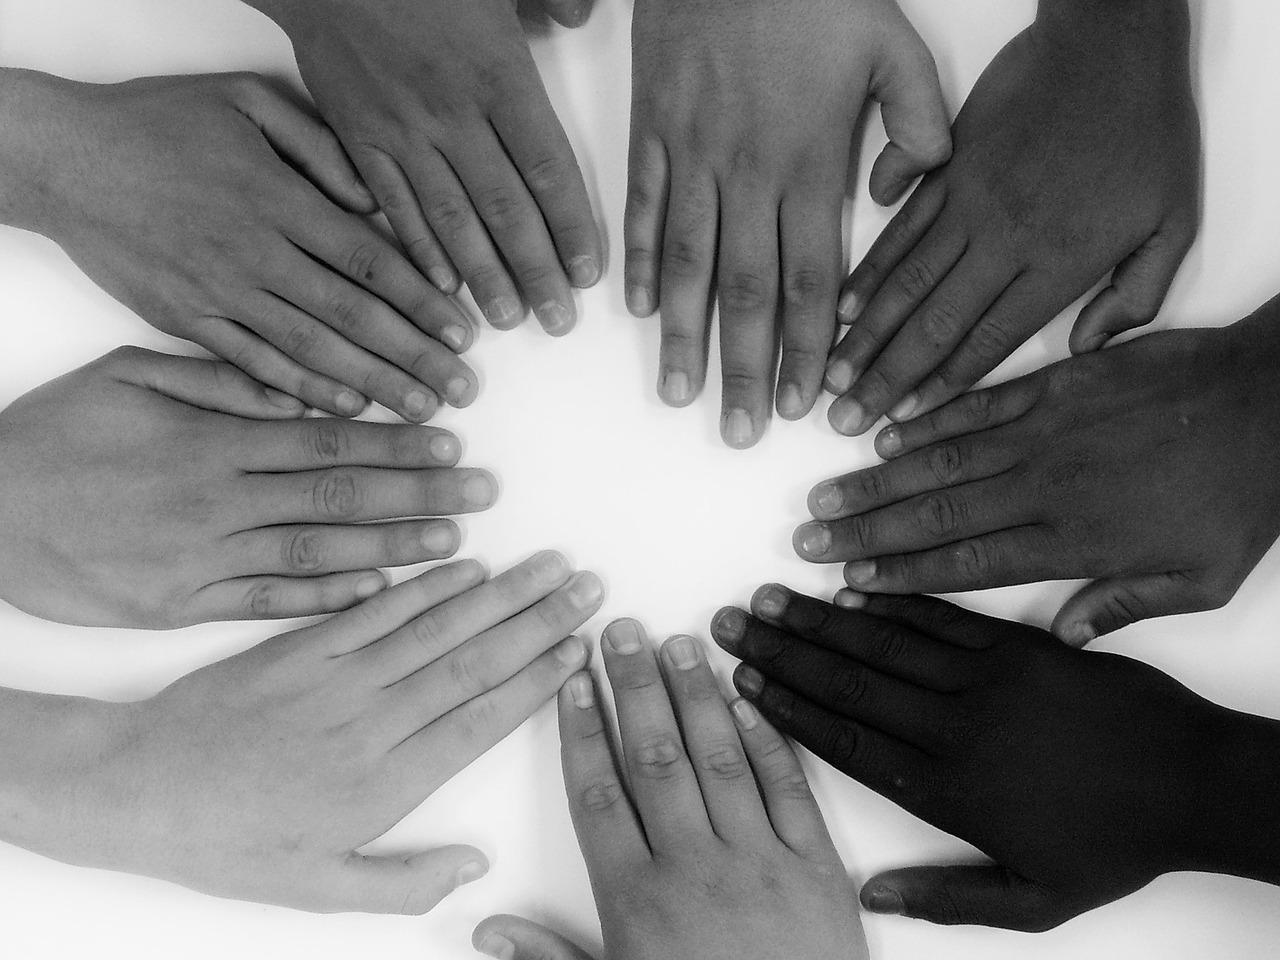 9 Hände